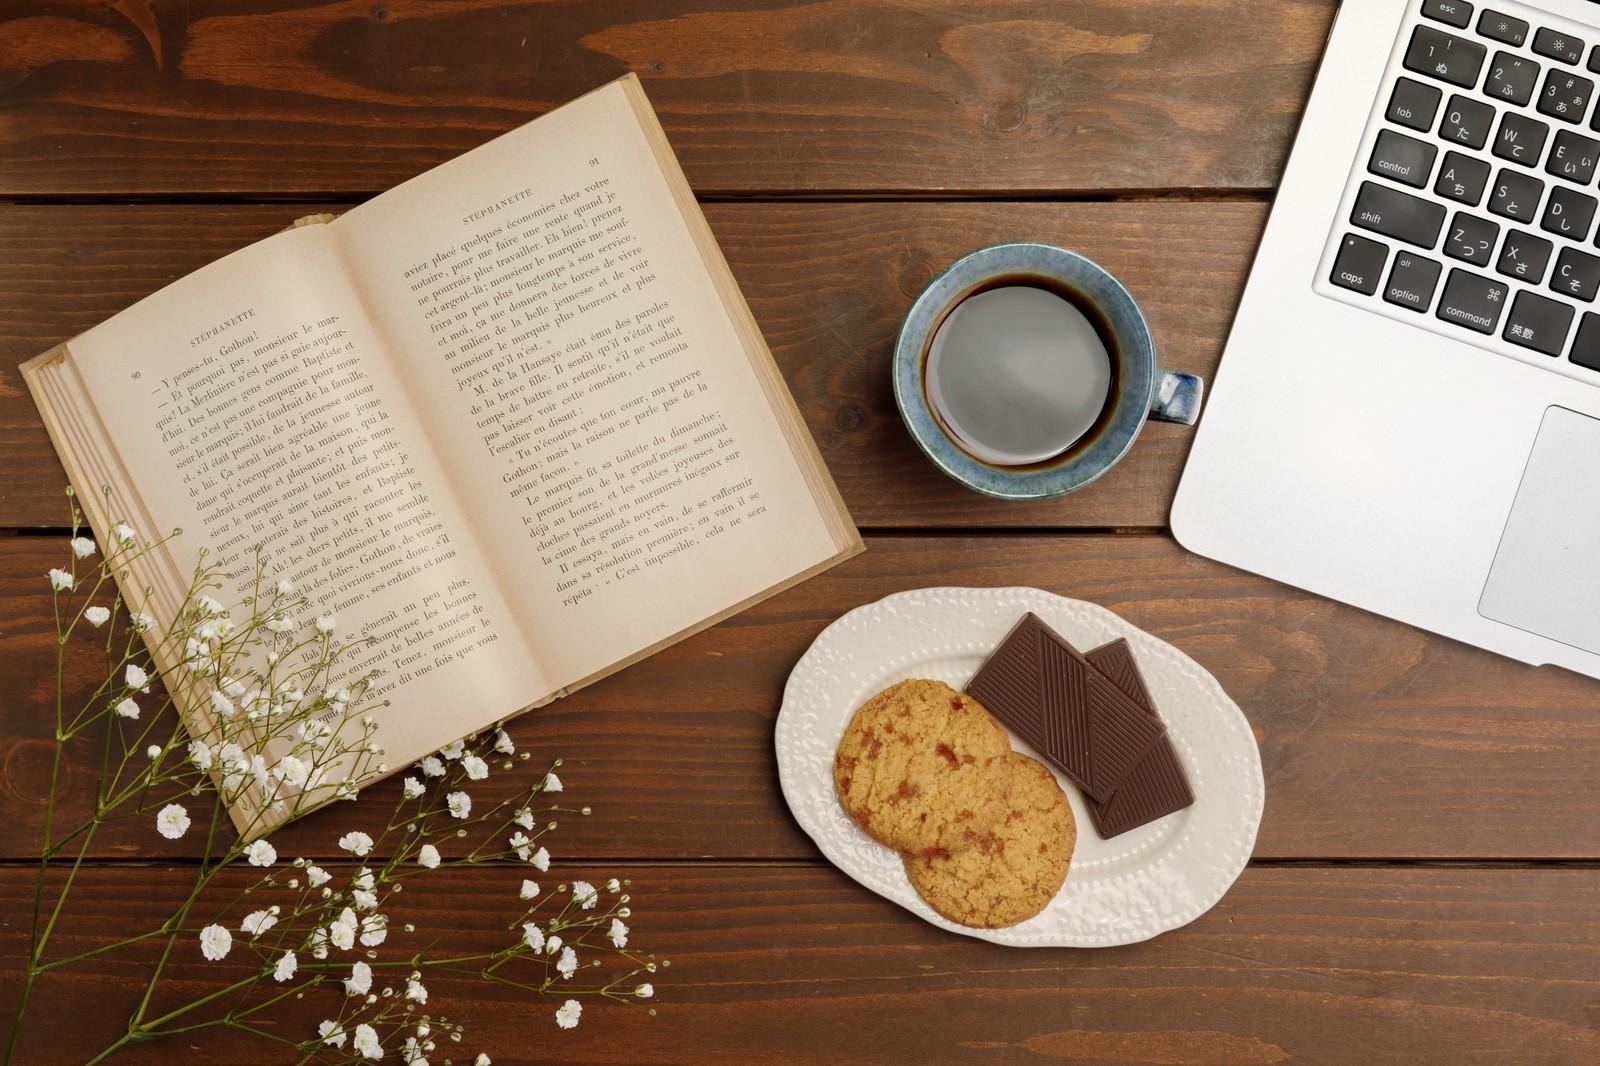 挽いたコーヒー粉とインスタントコーヒーの違い